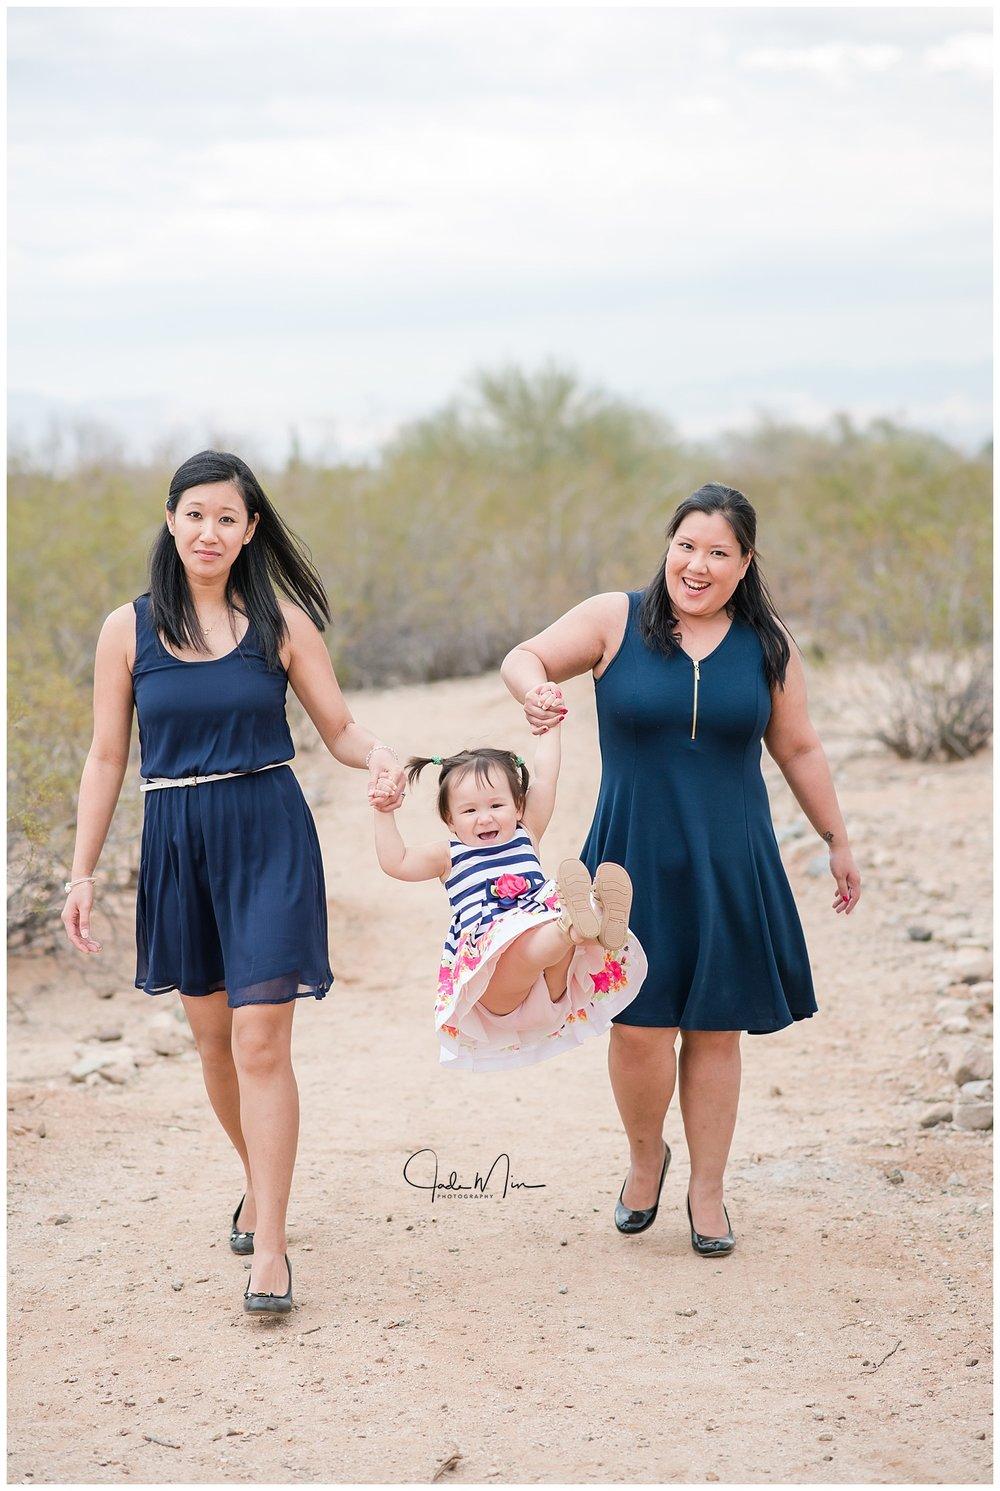 Phanpraseuth & McLawson Families, Photo Session at San Tan Mountain Regional Park in Queen Creek, Arizona.